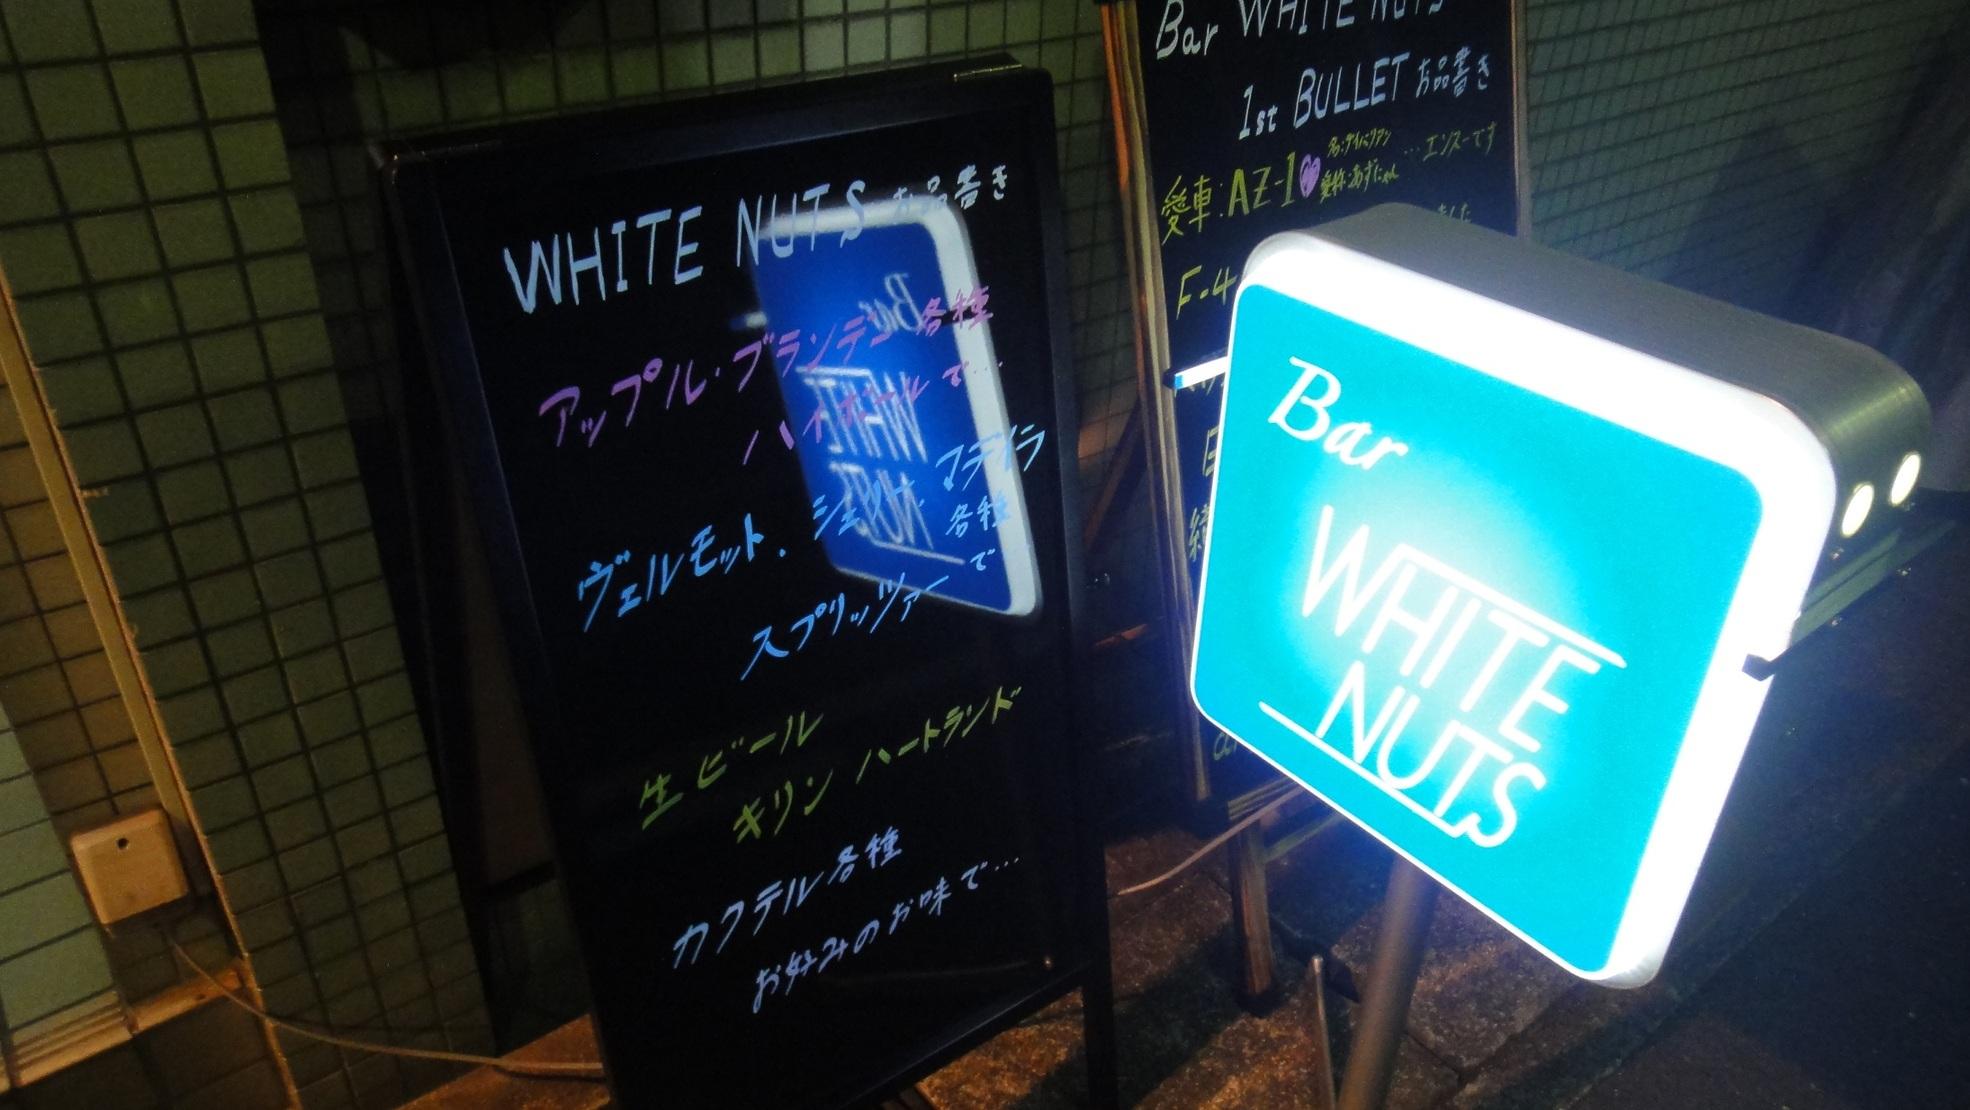 バー ホワイトナッツ